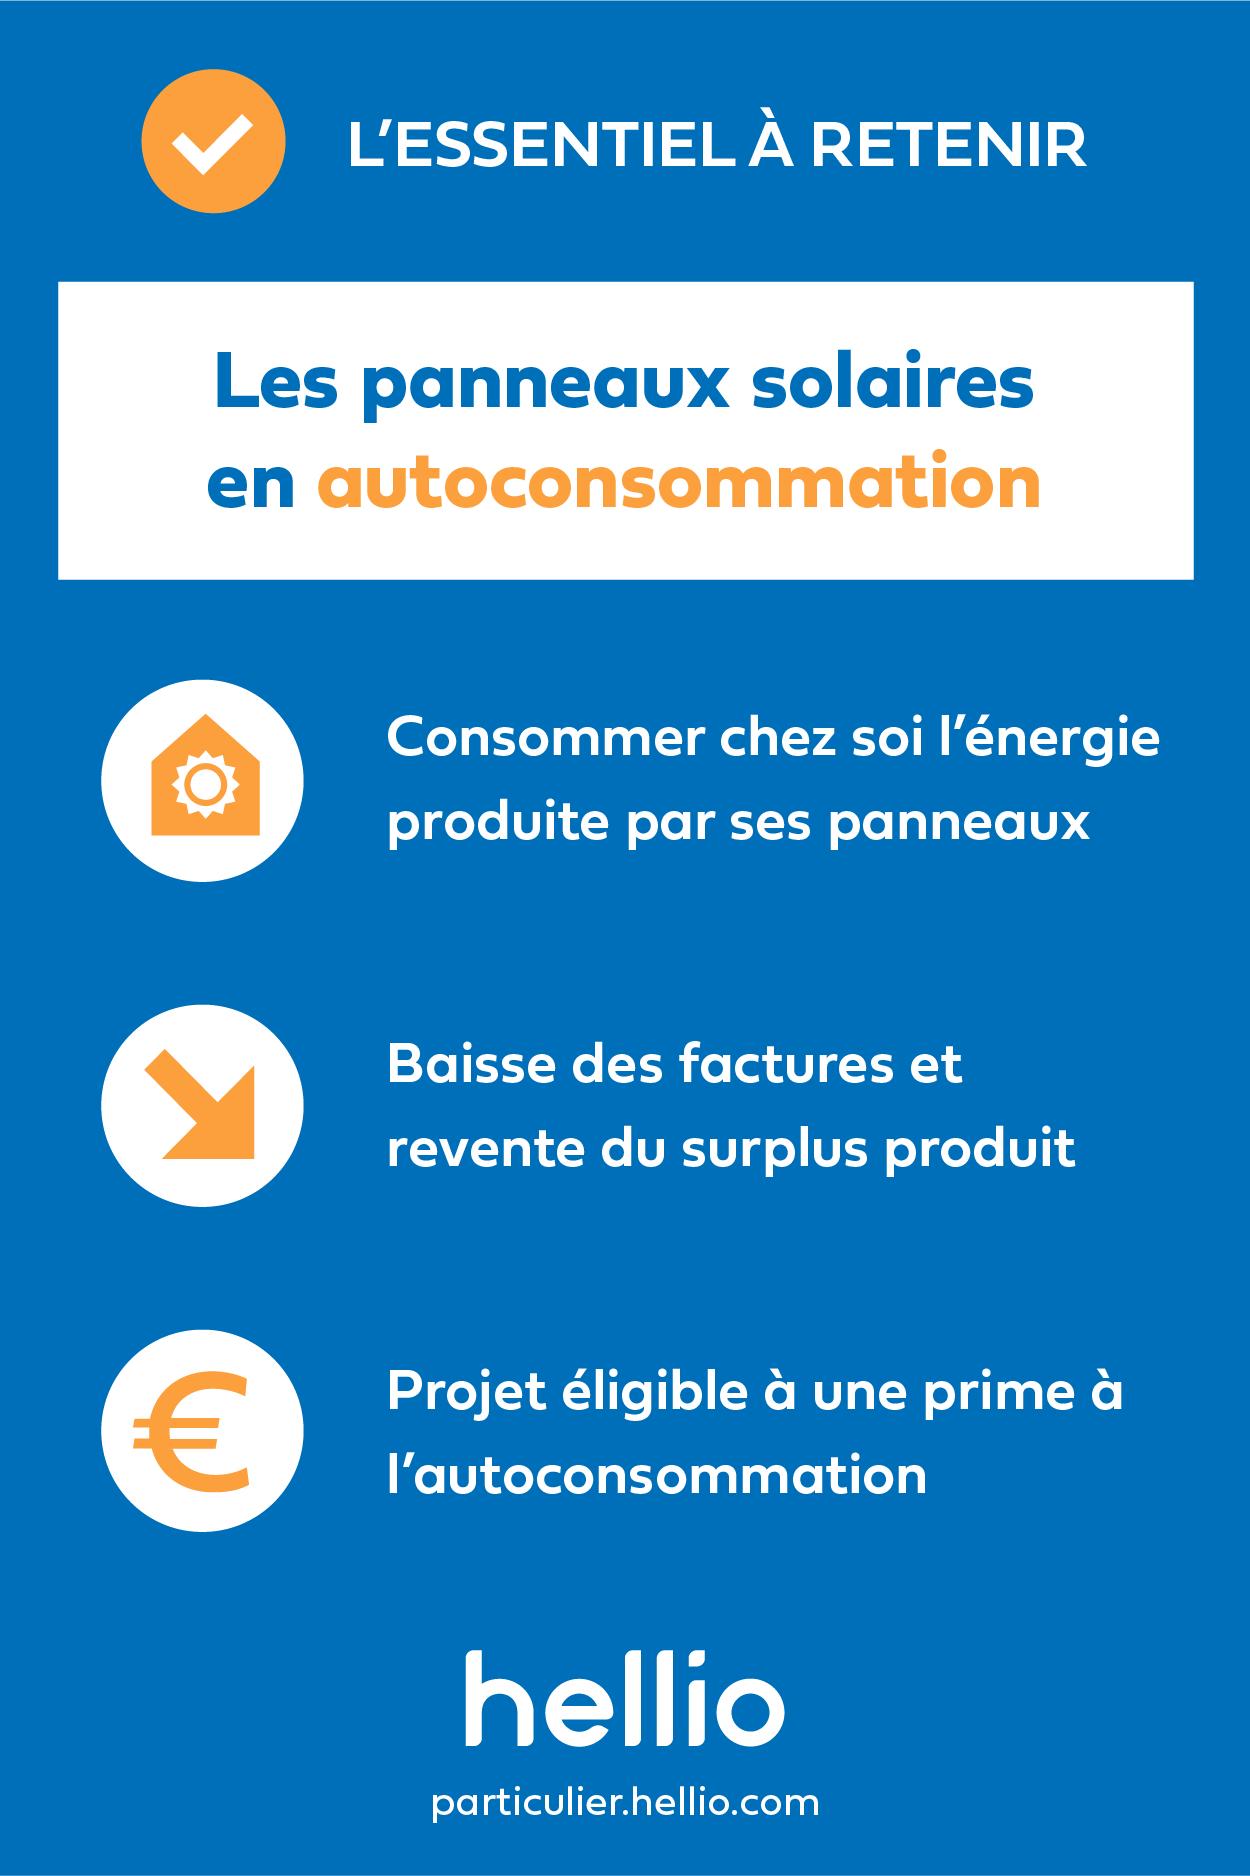 infographie-essentiel-retenir-hellio-autoconsommation-panneaux-solaires